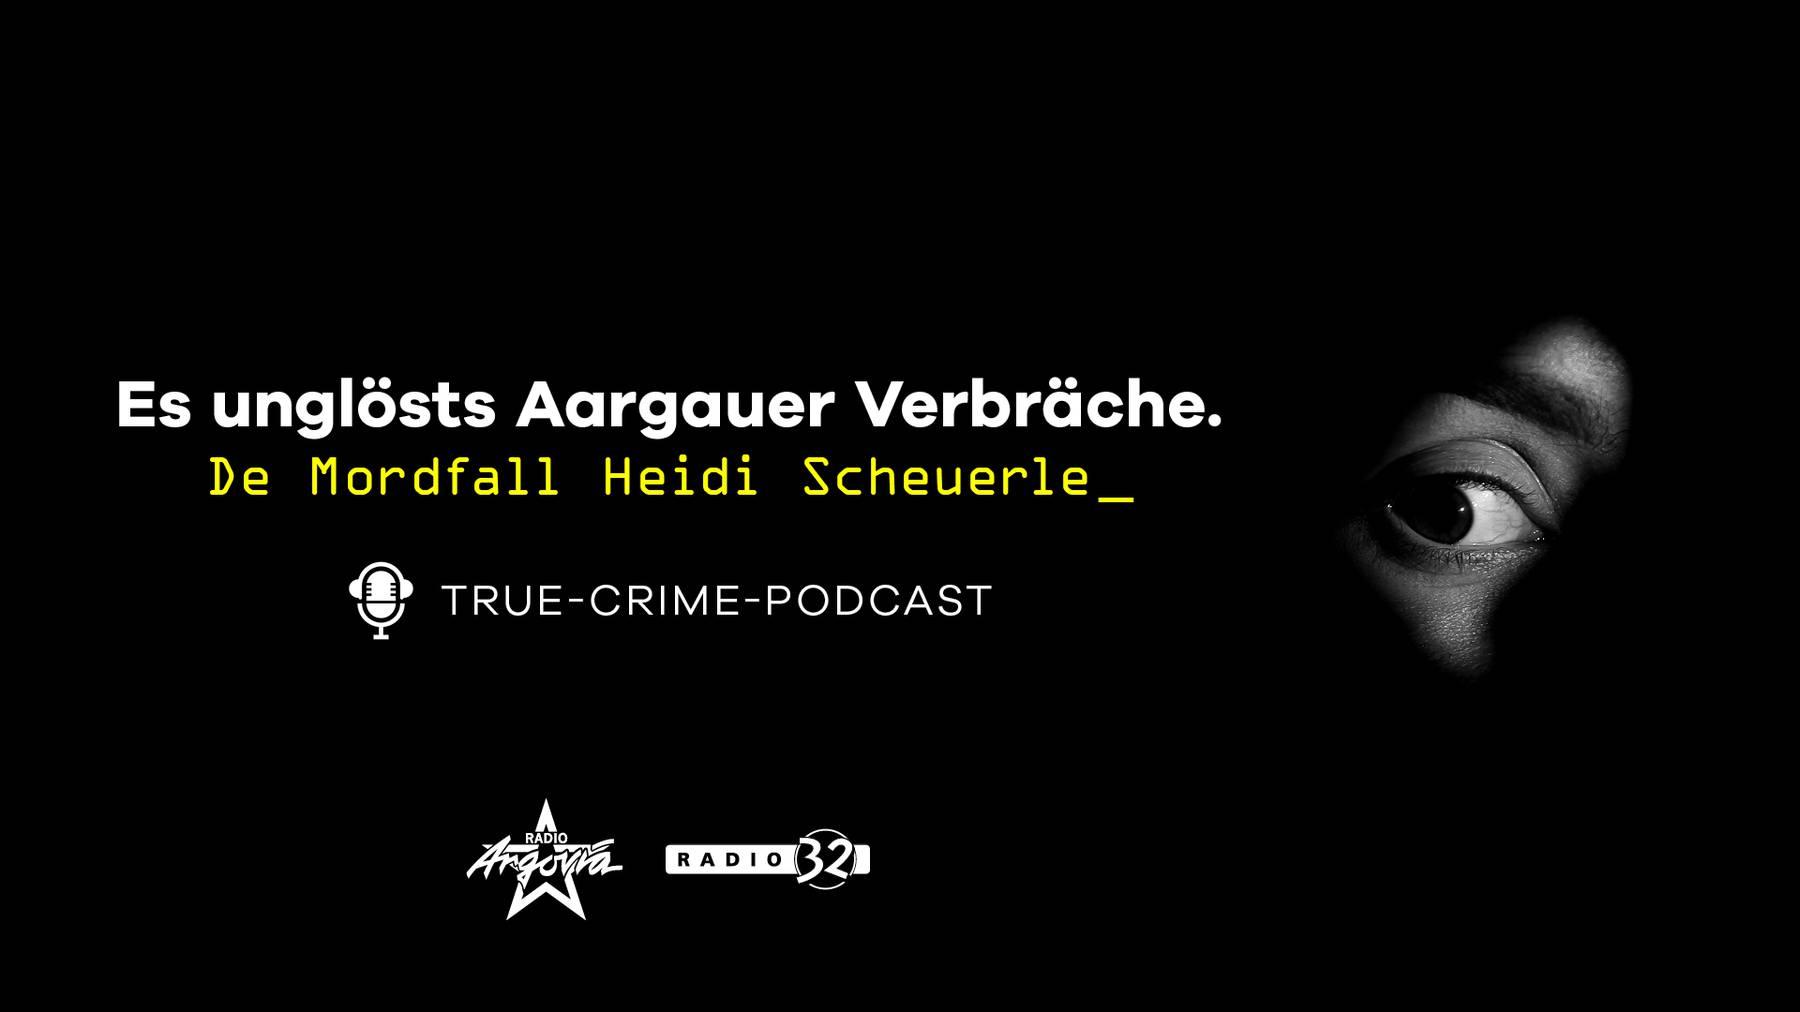 «Es unglösts Aargauer Verbräche» - Der Mordfall Heidi Scheuerle